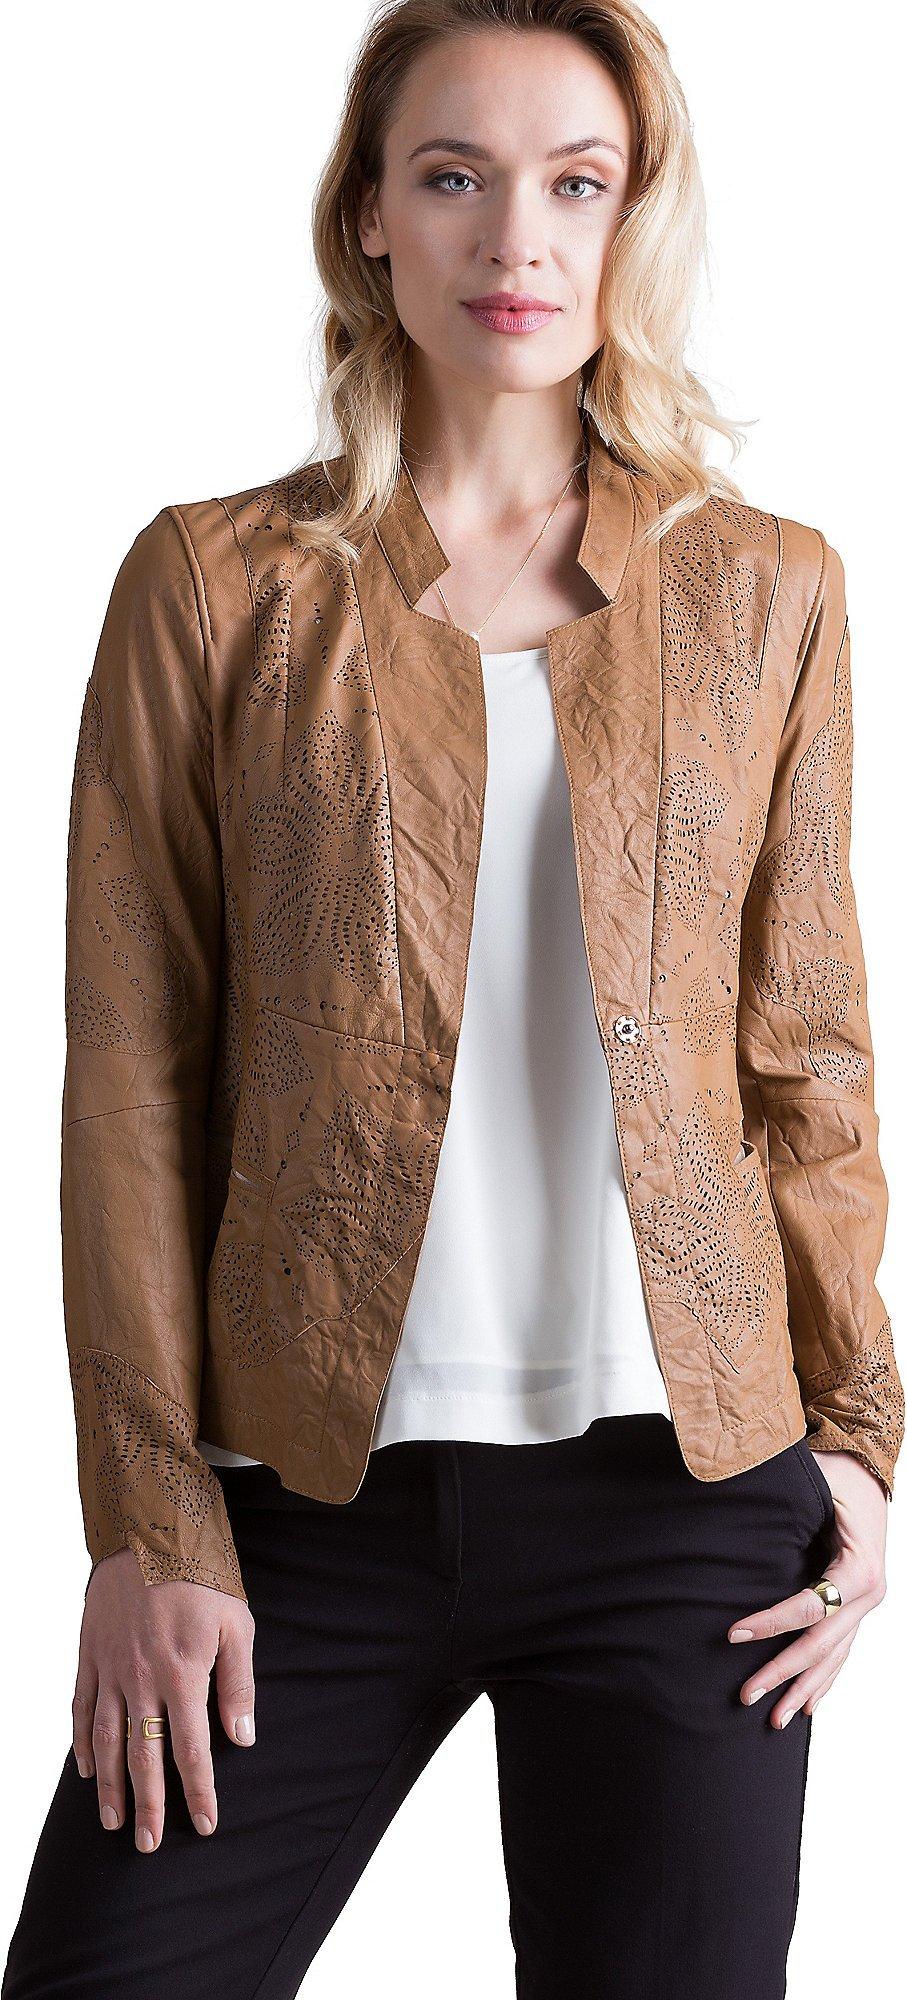 Overland Sheepskin Co Mara Vintage Style Italian Lambskin Leather Jacket